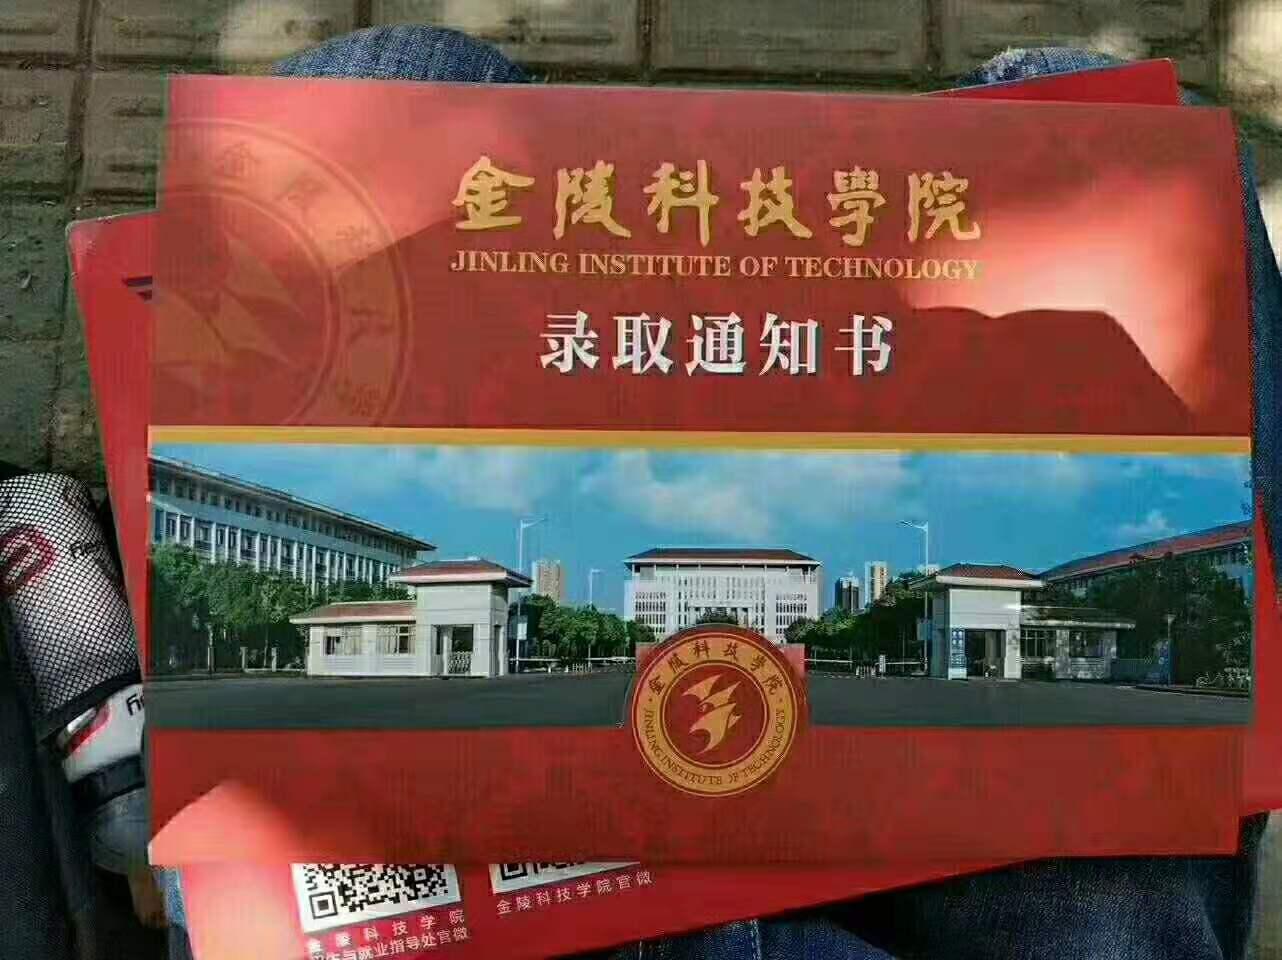 南京徐州镇江瀚宣五年制专转本开路靠前人,引路靠贵人,走路靠个